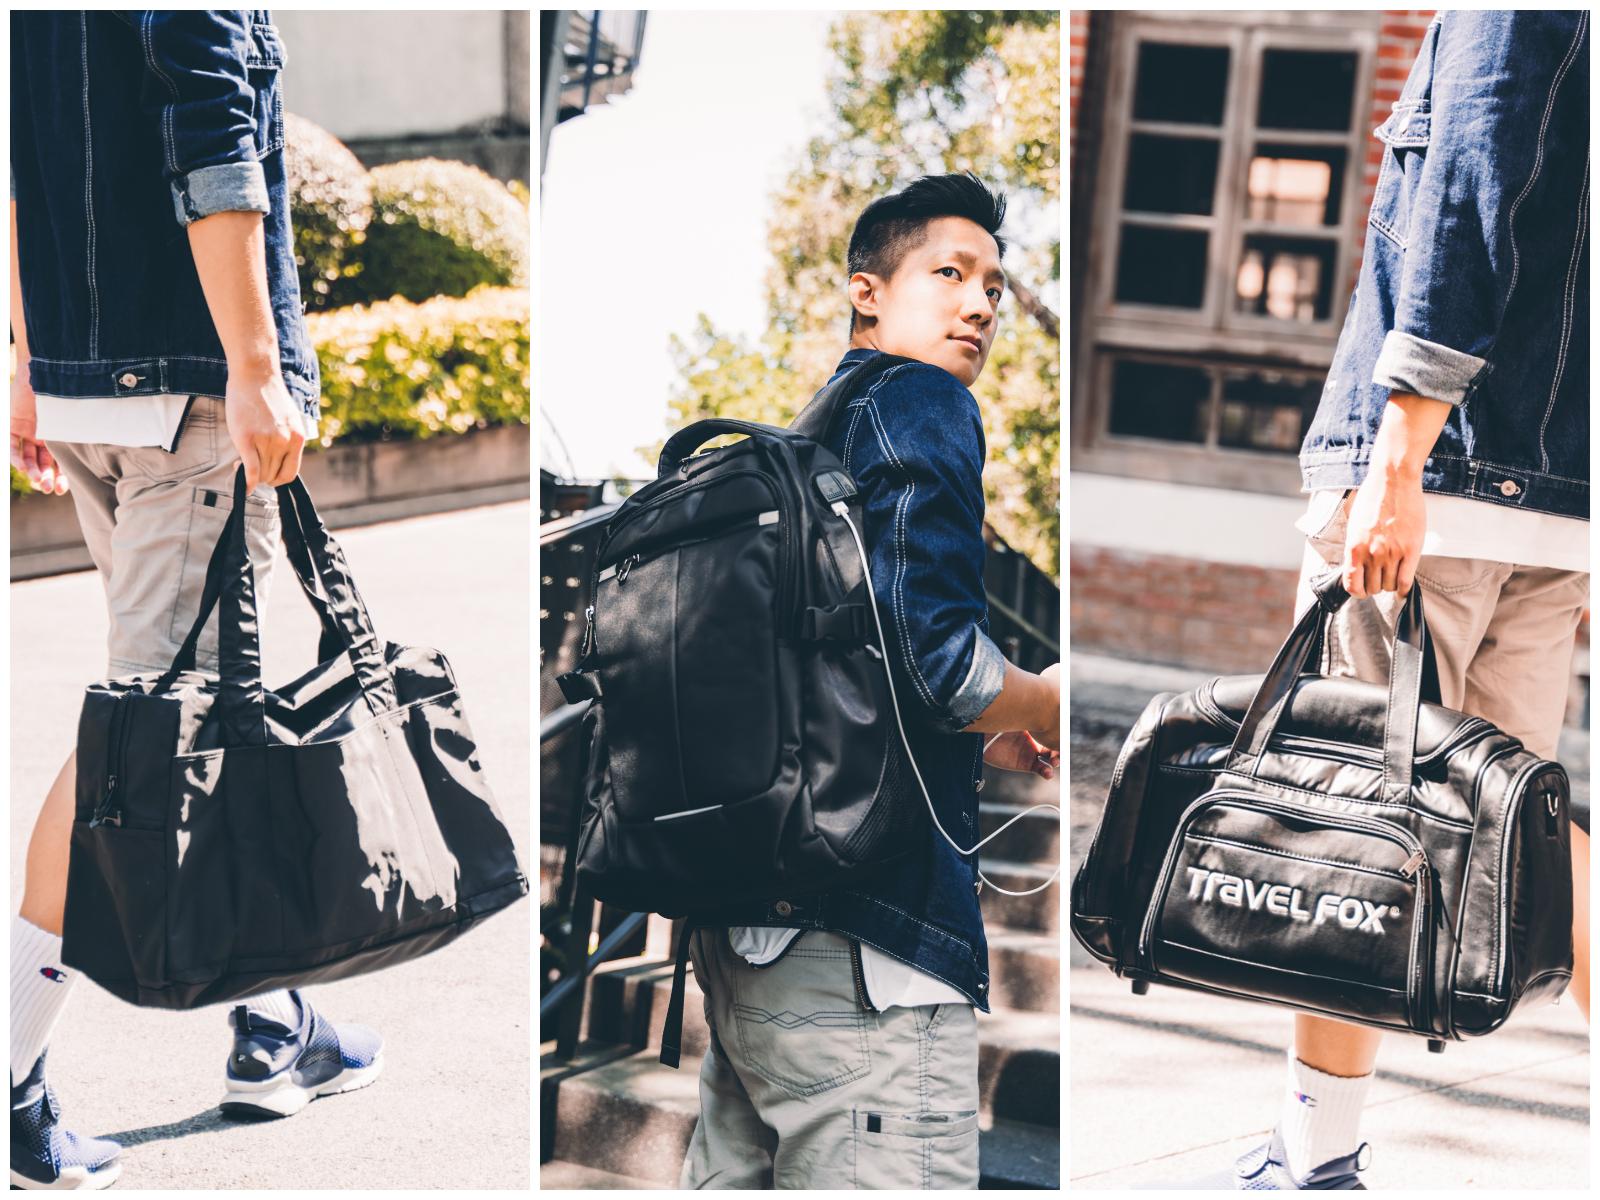 【旅行包包推薦】大容量後背包、旅行袋!乾濕分離可充電、能掛行李箱根本超方便